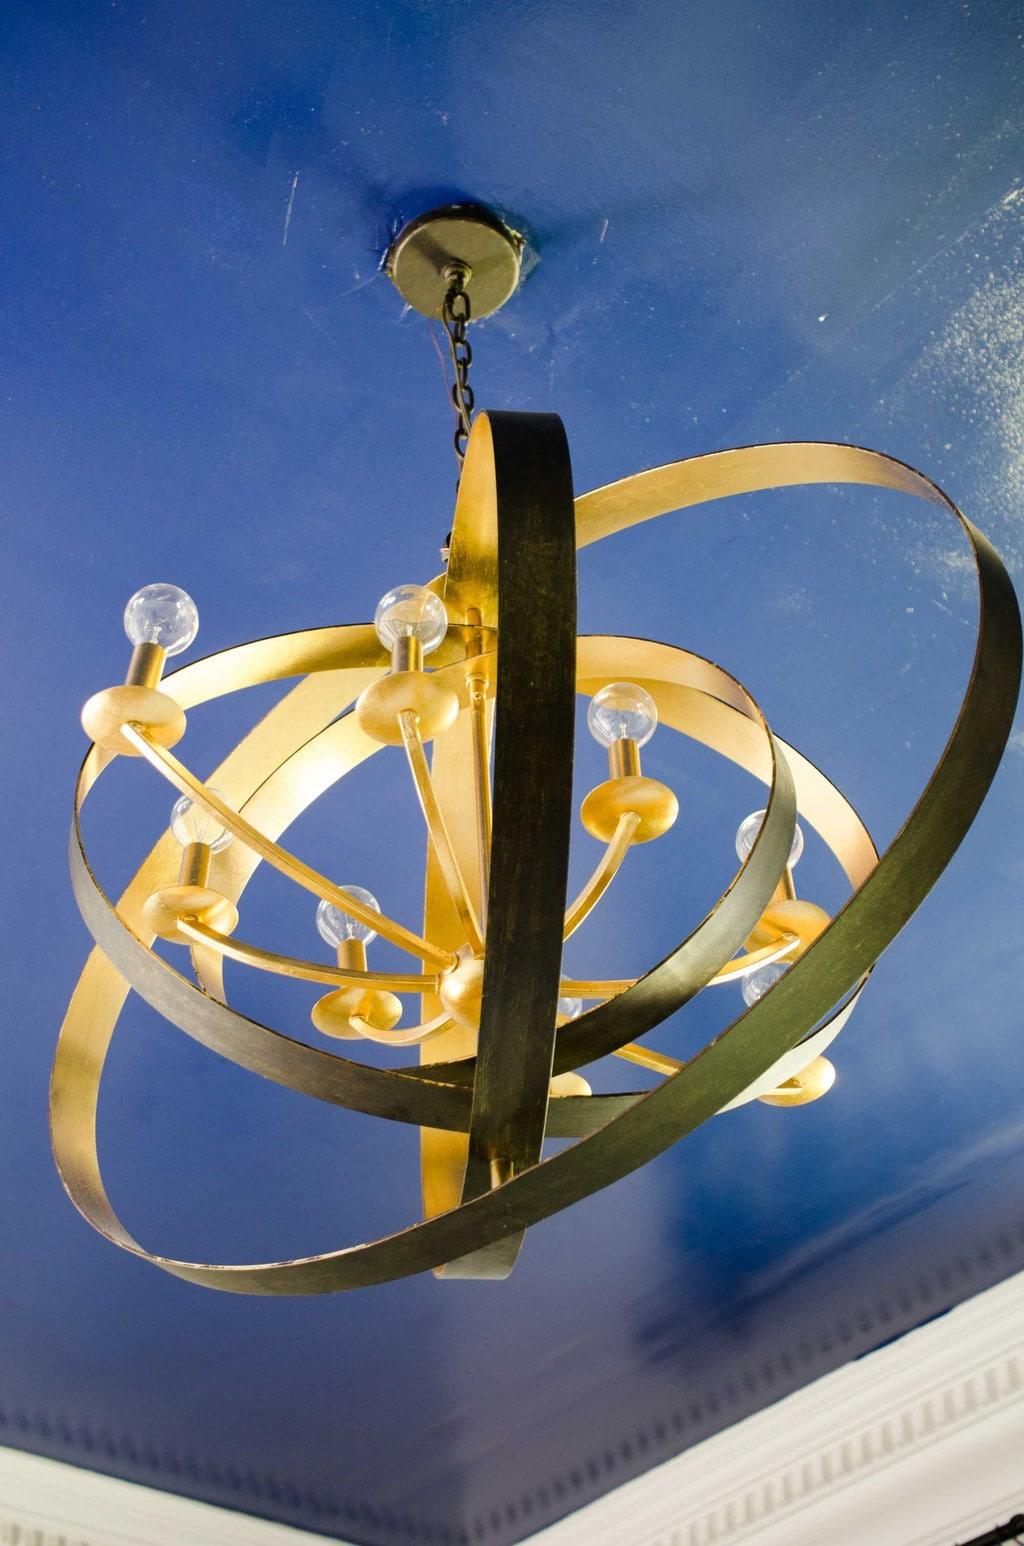 Crystorama Luna chandelier on @thouswellblog